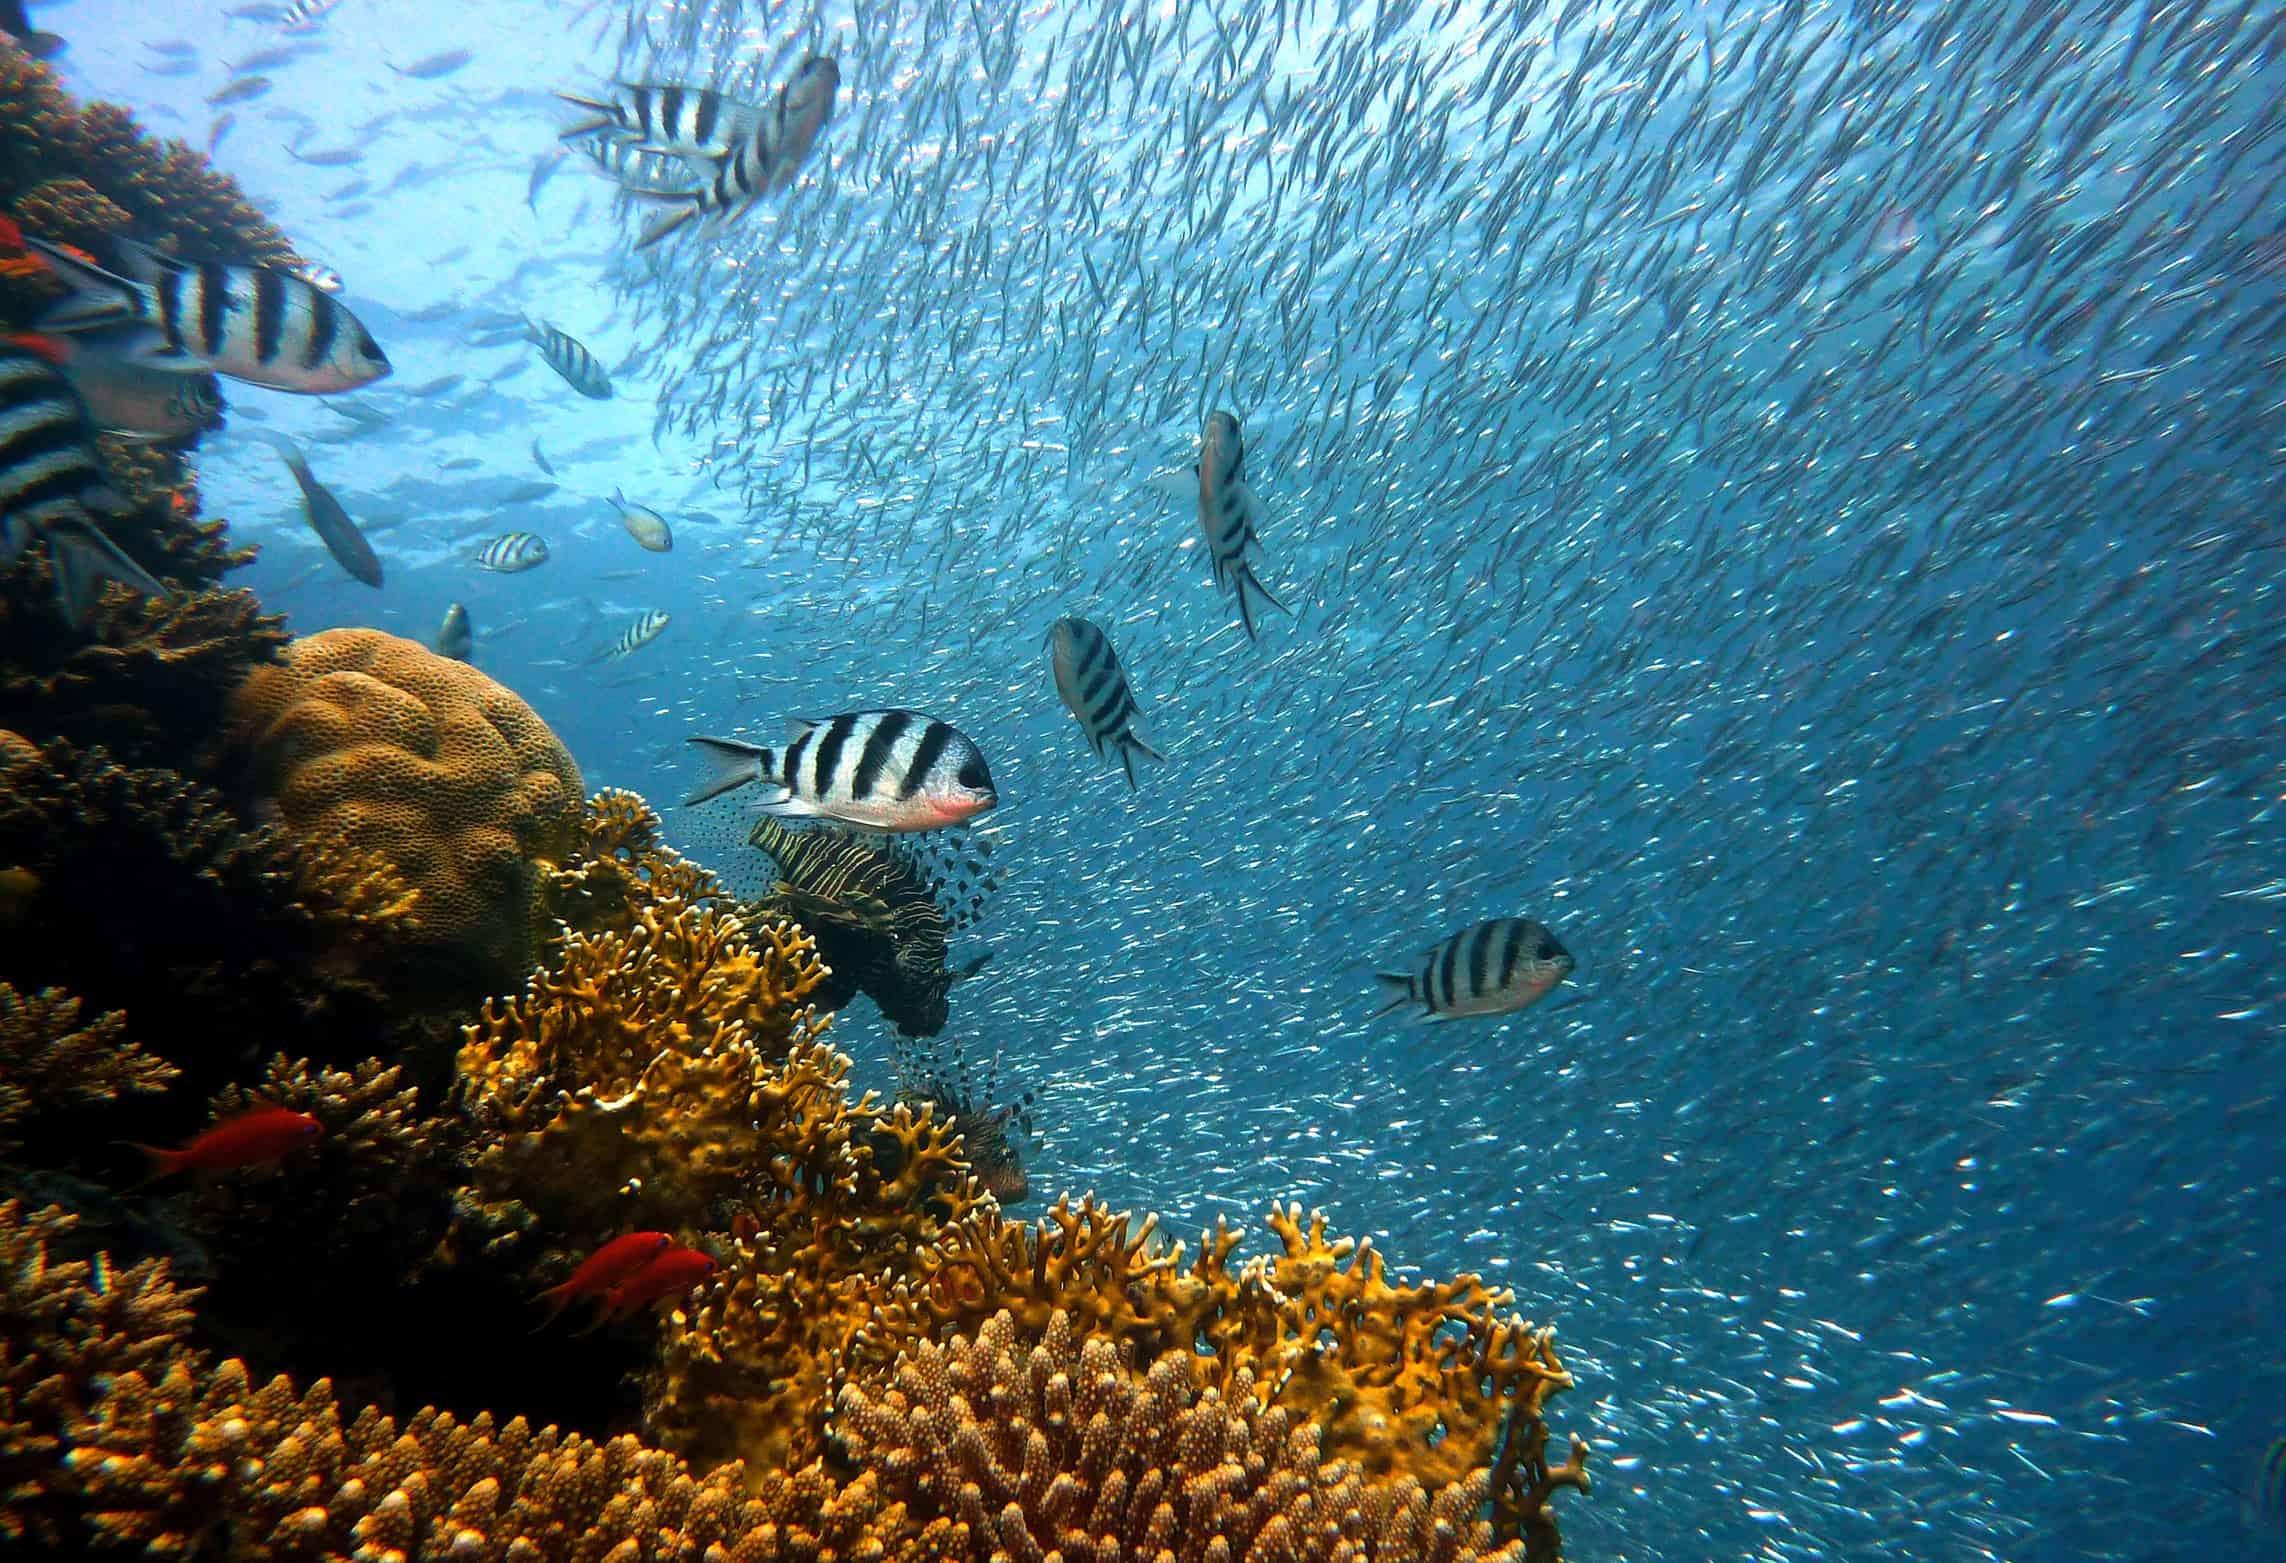 Meeresprojekt unterstützen Korallen Korallenriffe Ökosystem Meer